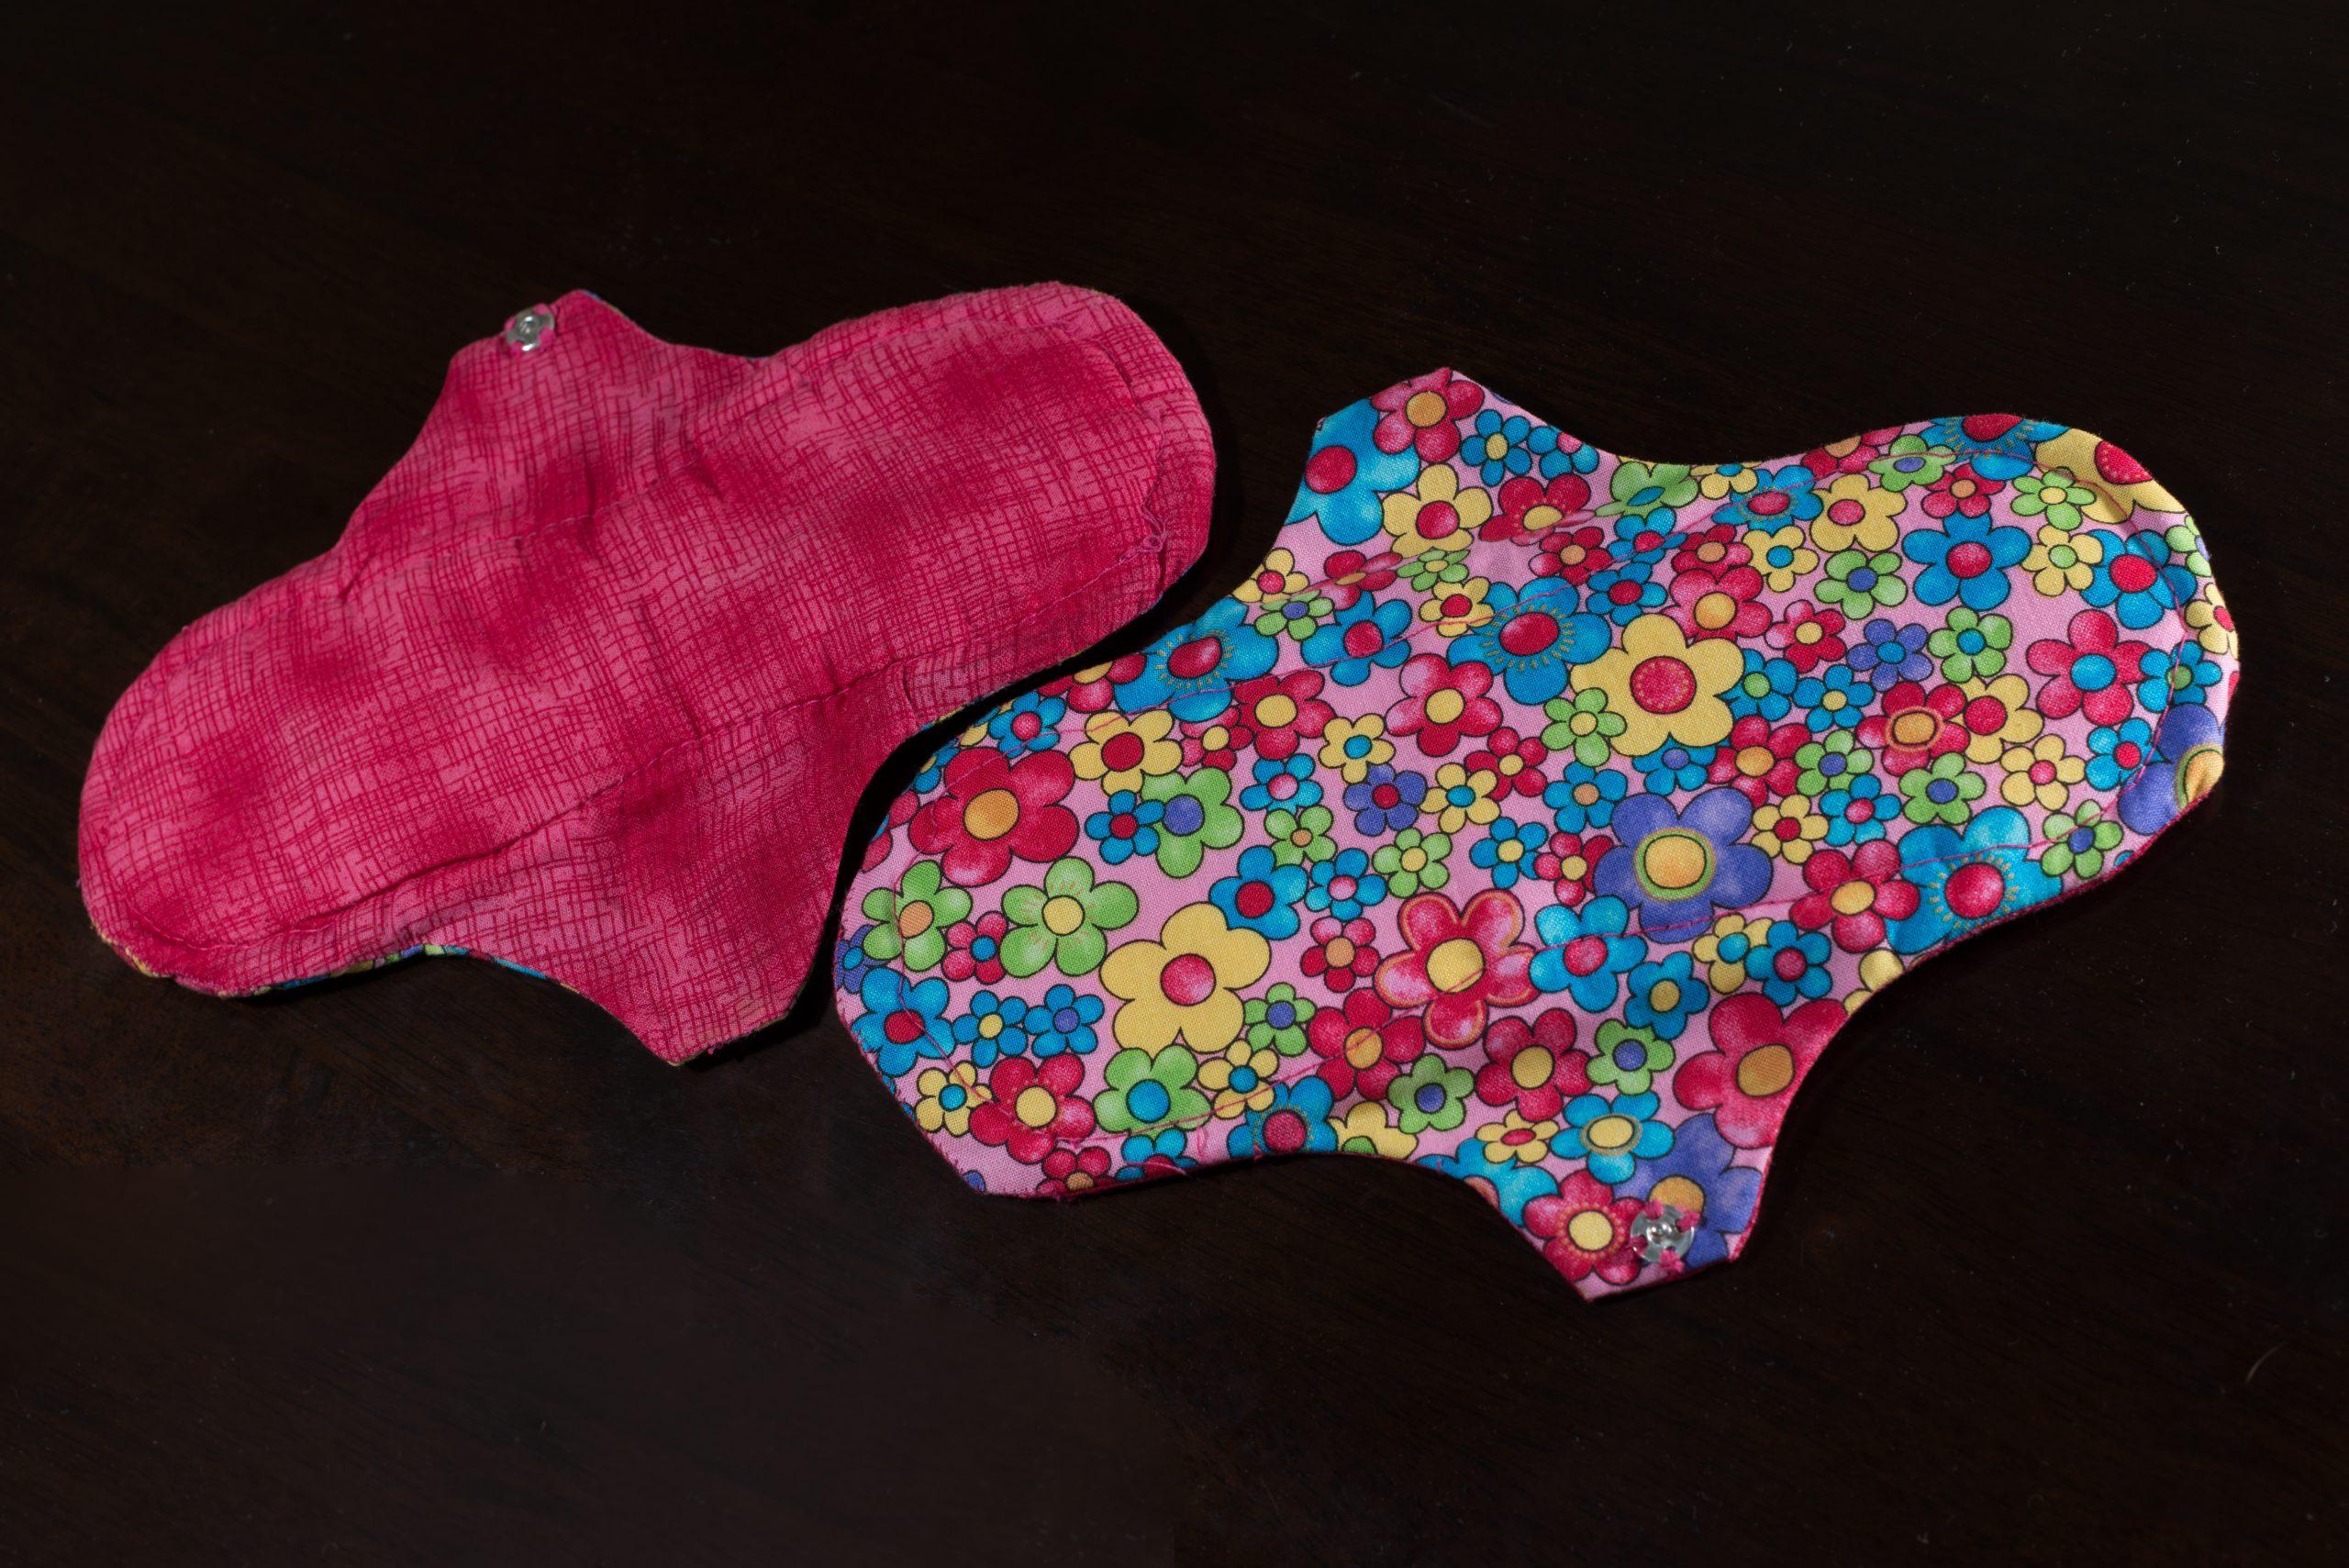 Imagem de par de absorventes ecológicos